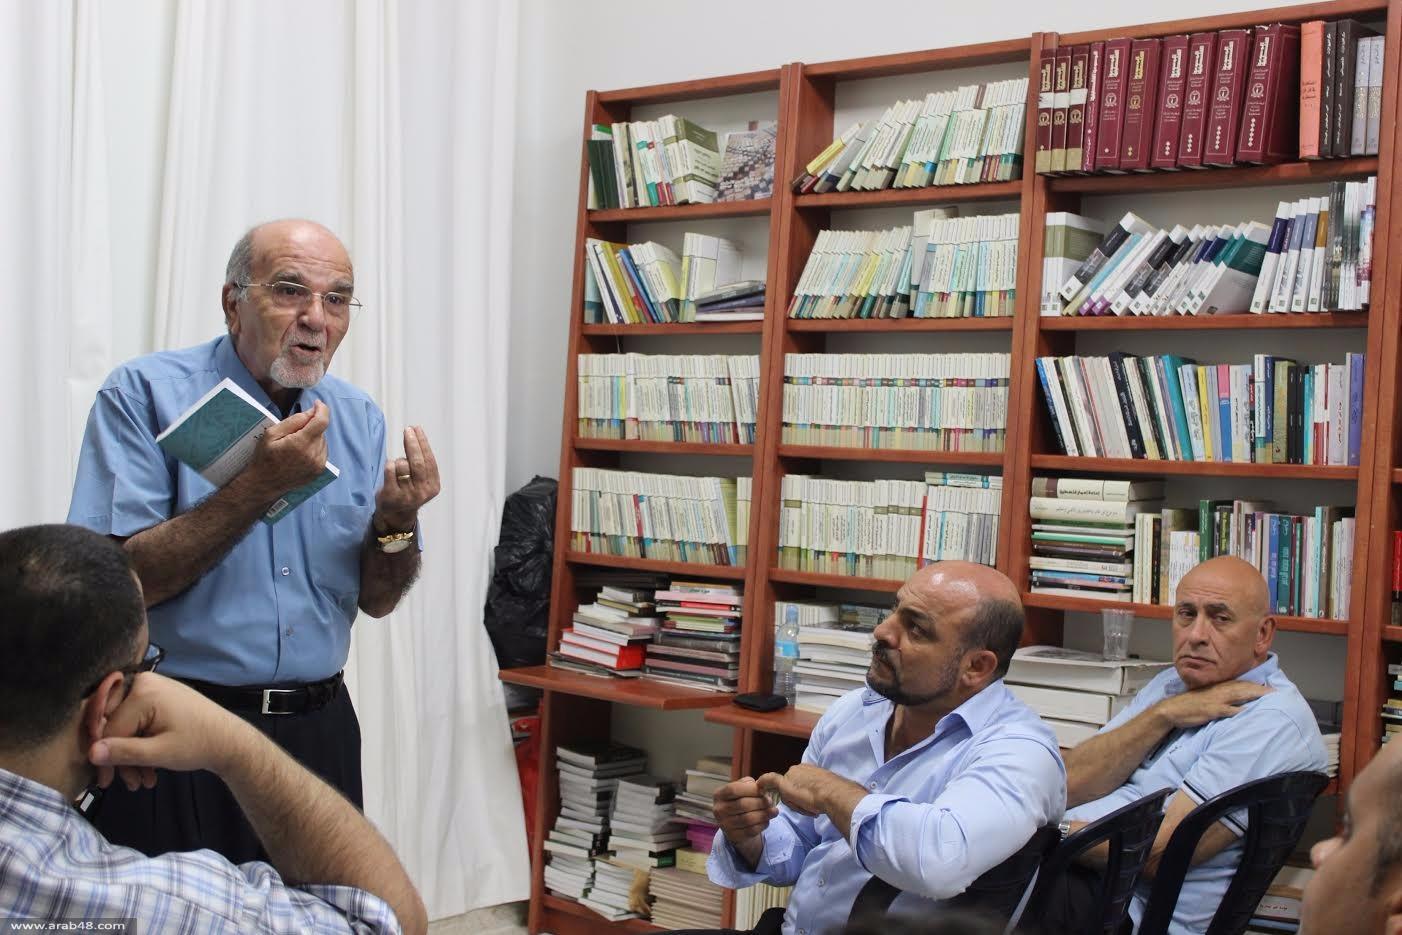 جريمة جديدة بحق العربية: مرتكبوها من وزارة المعارف